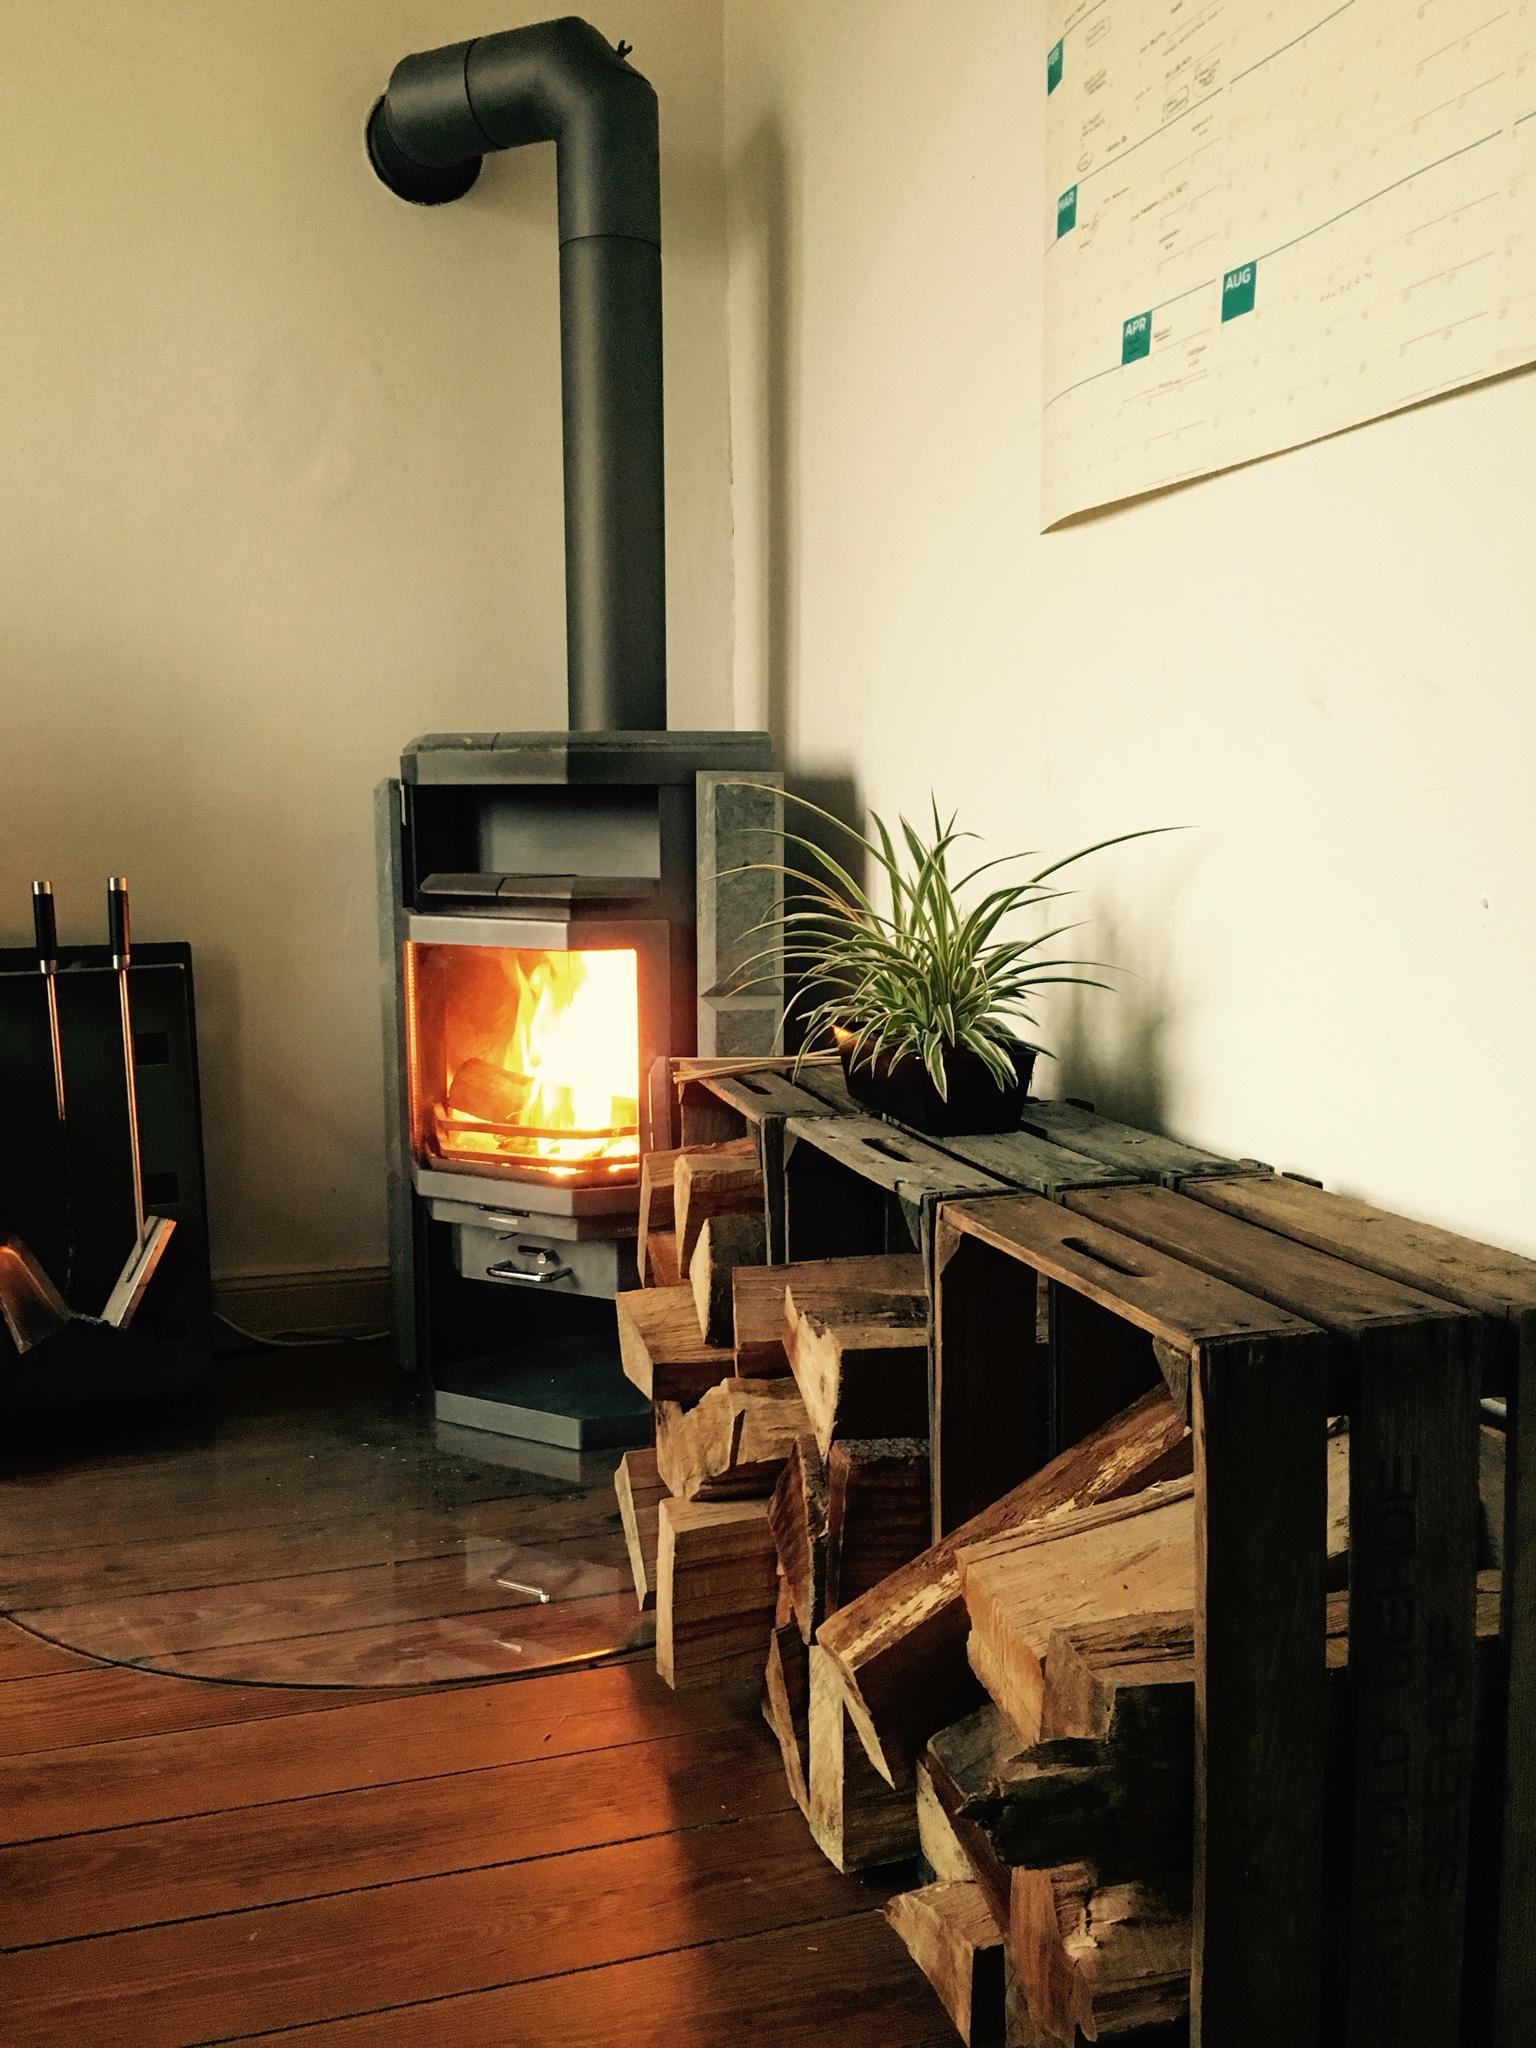 Brennholz lagern ideen wohnzimmer  Kaminholzaufbewahrung • Bilder & Ideen • COUCHstyle